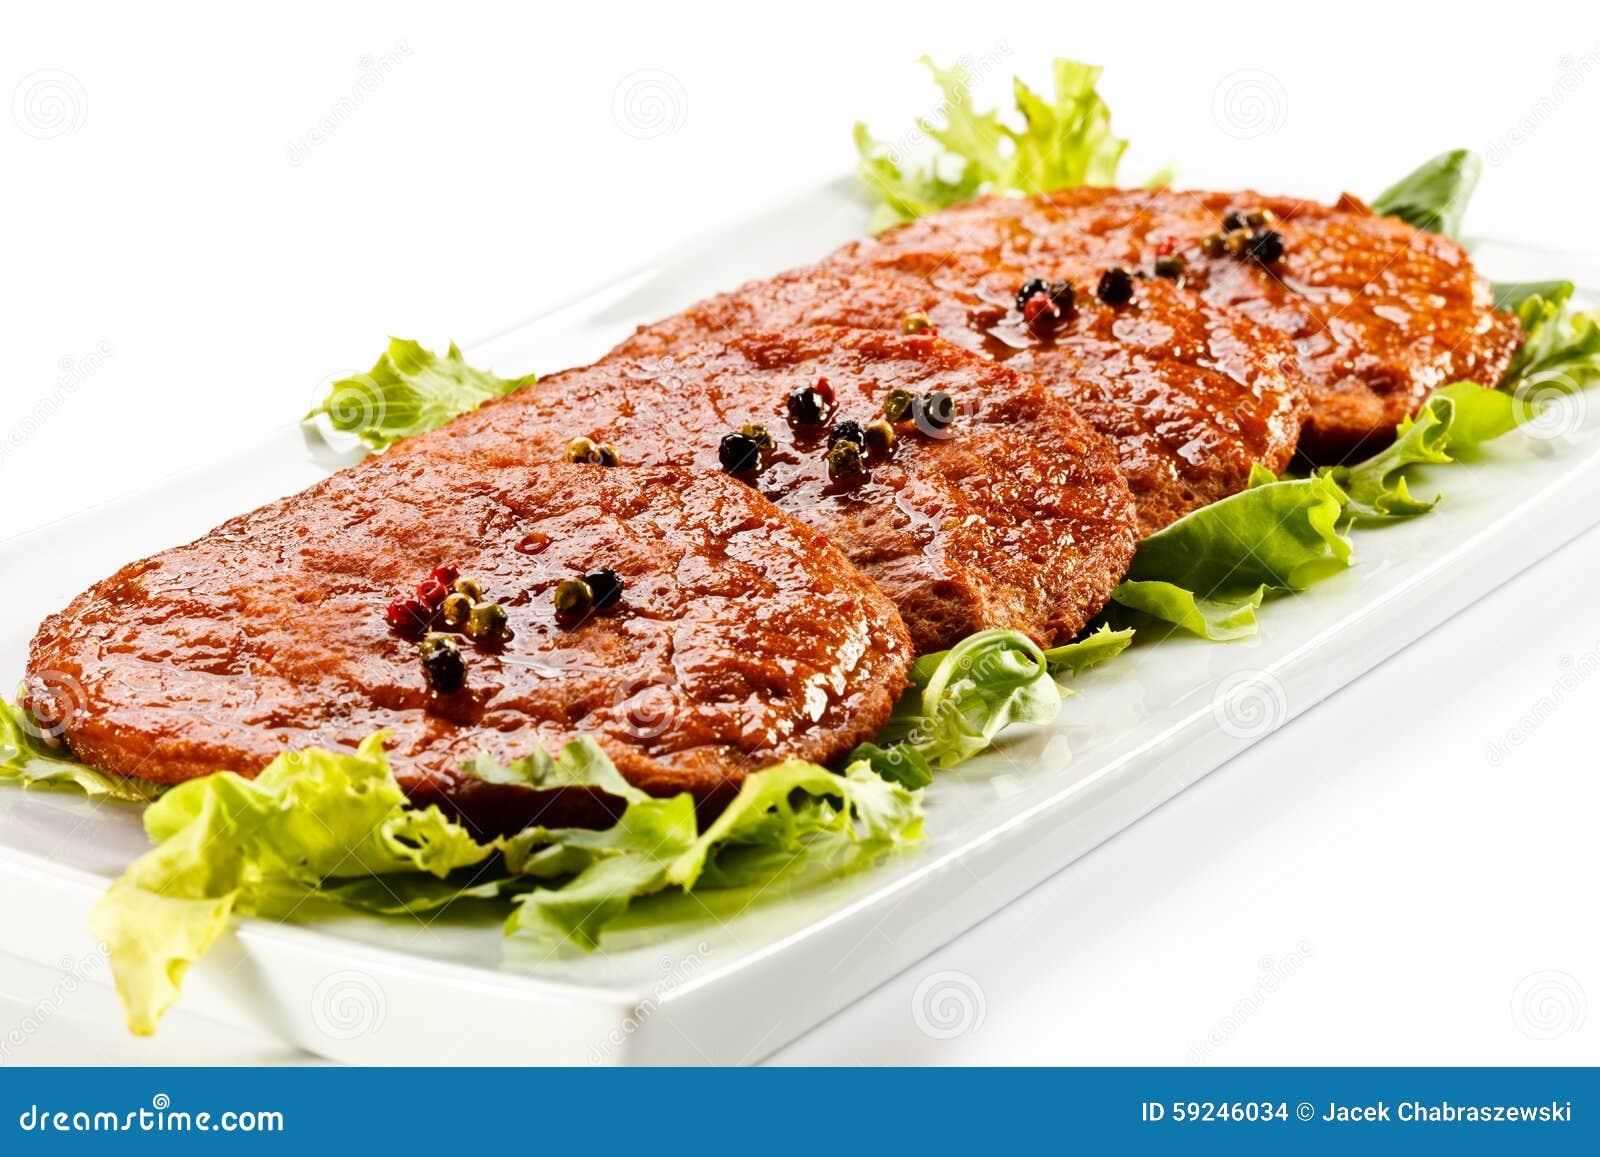 Carne asada a la parilla